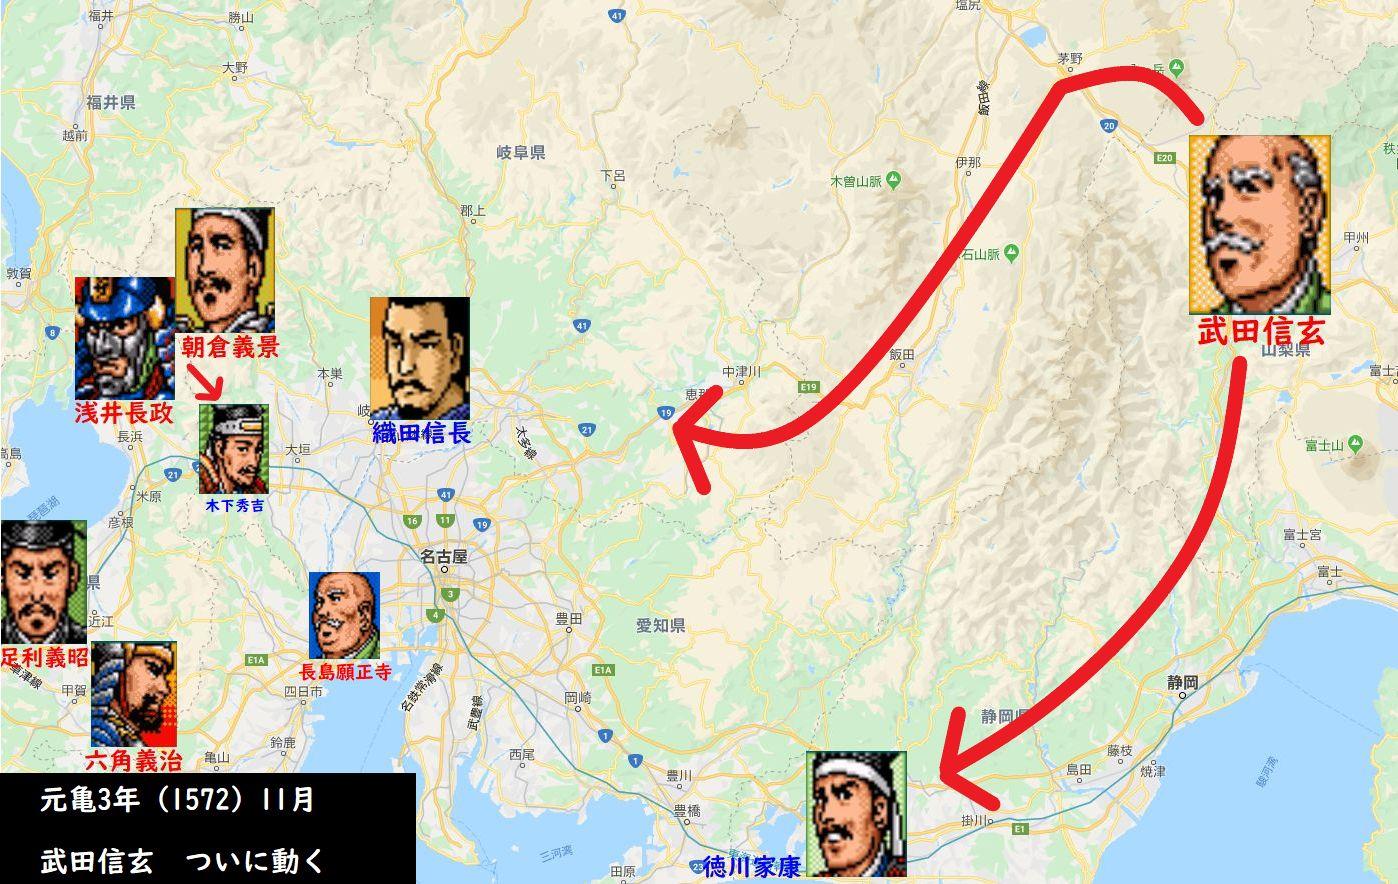 武田信玄の西上作戦